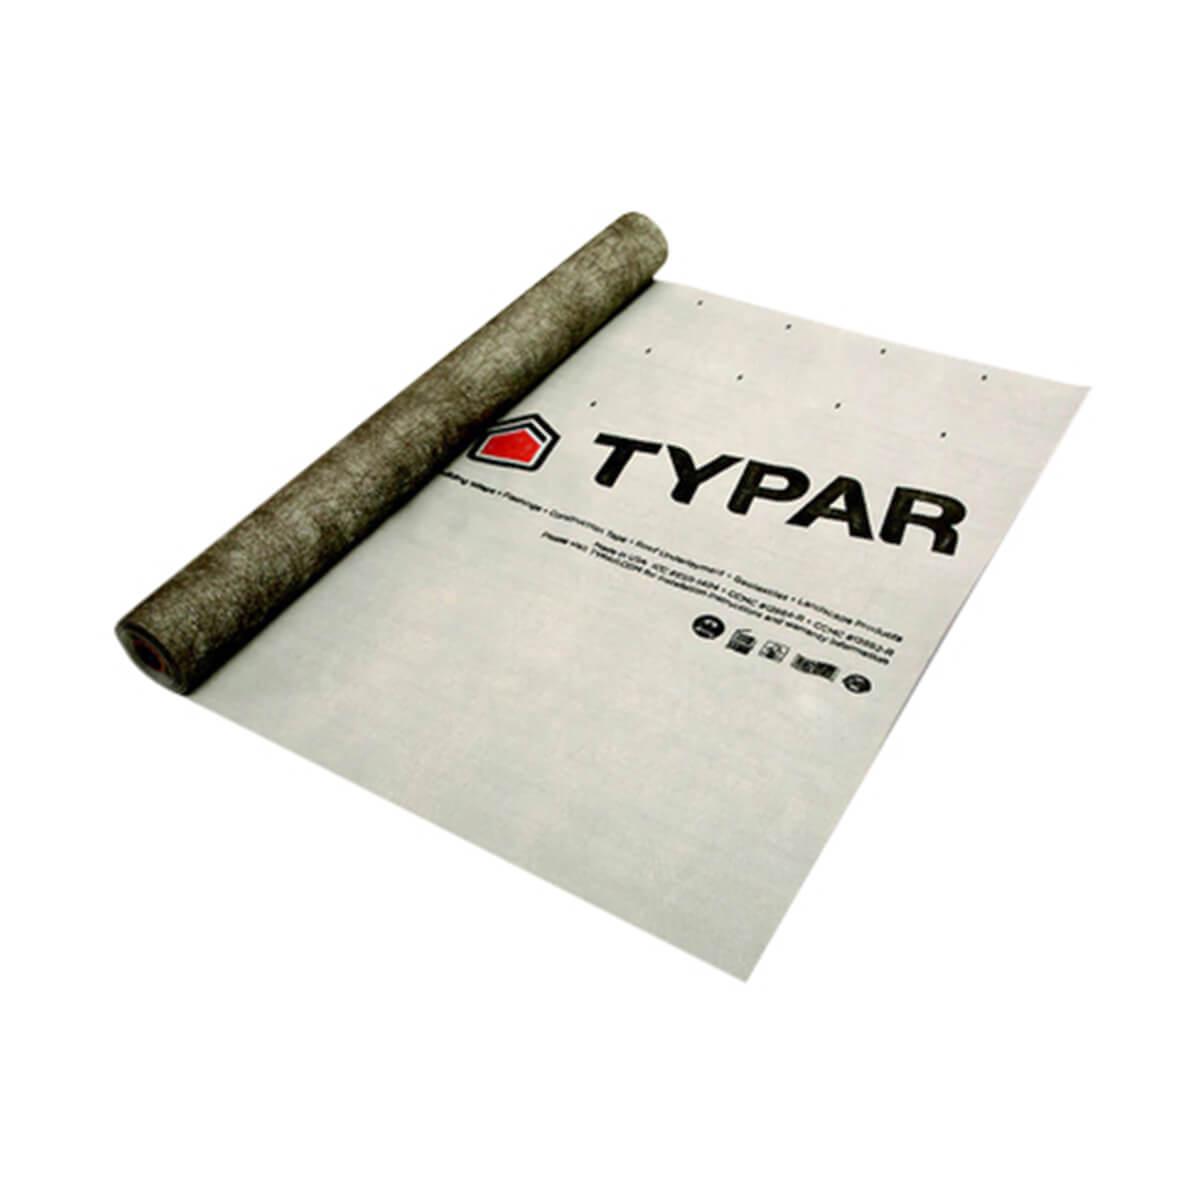 House Wrap - Typar - 3-ft X 100-ft